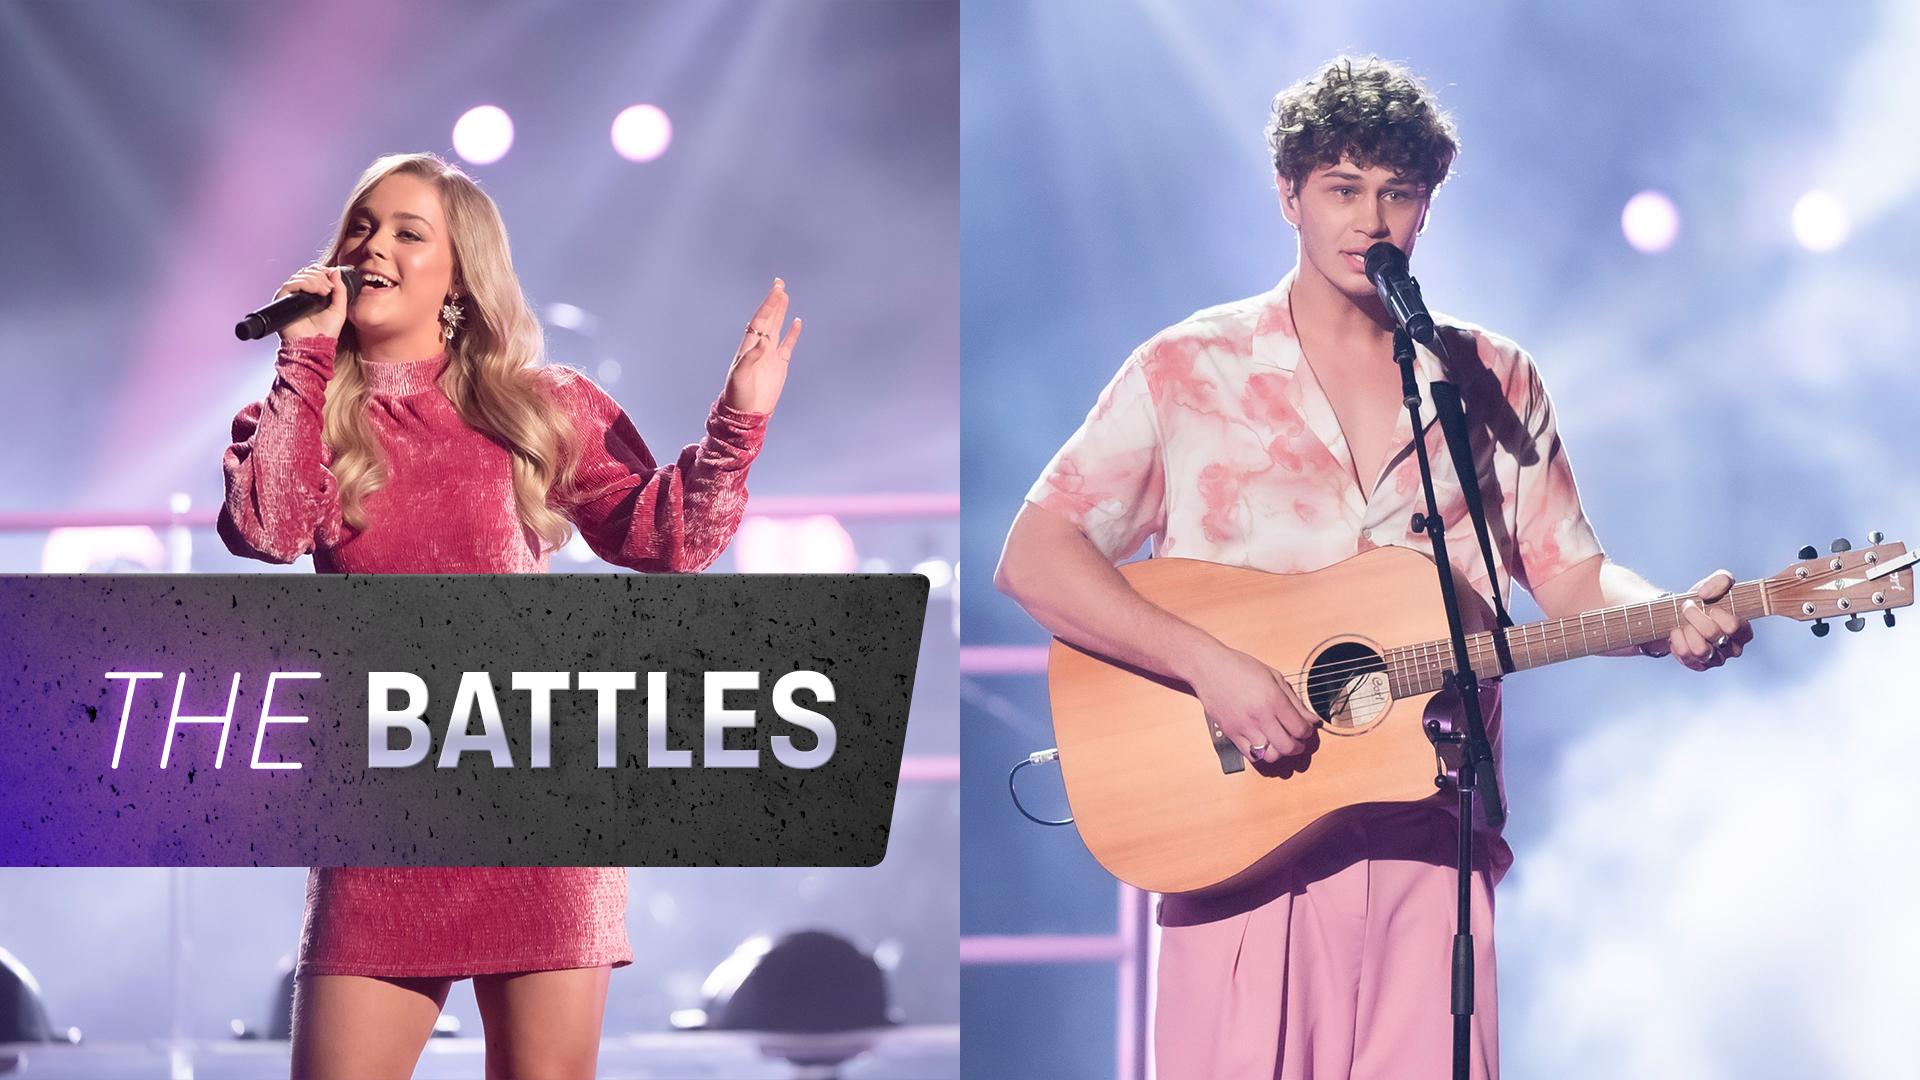 The Battles: Janie vs Matt 'Lover'